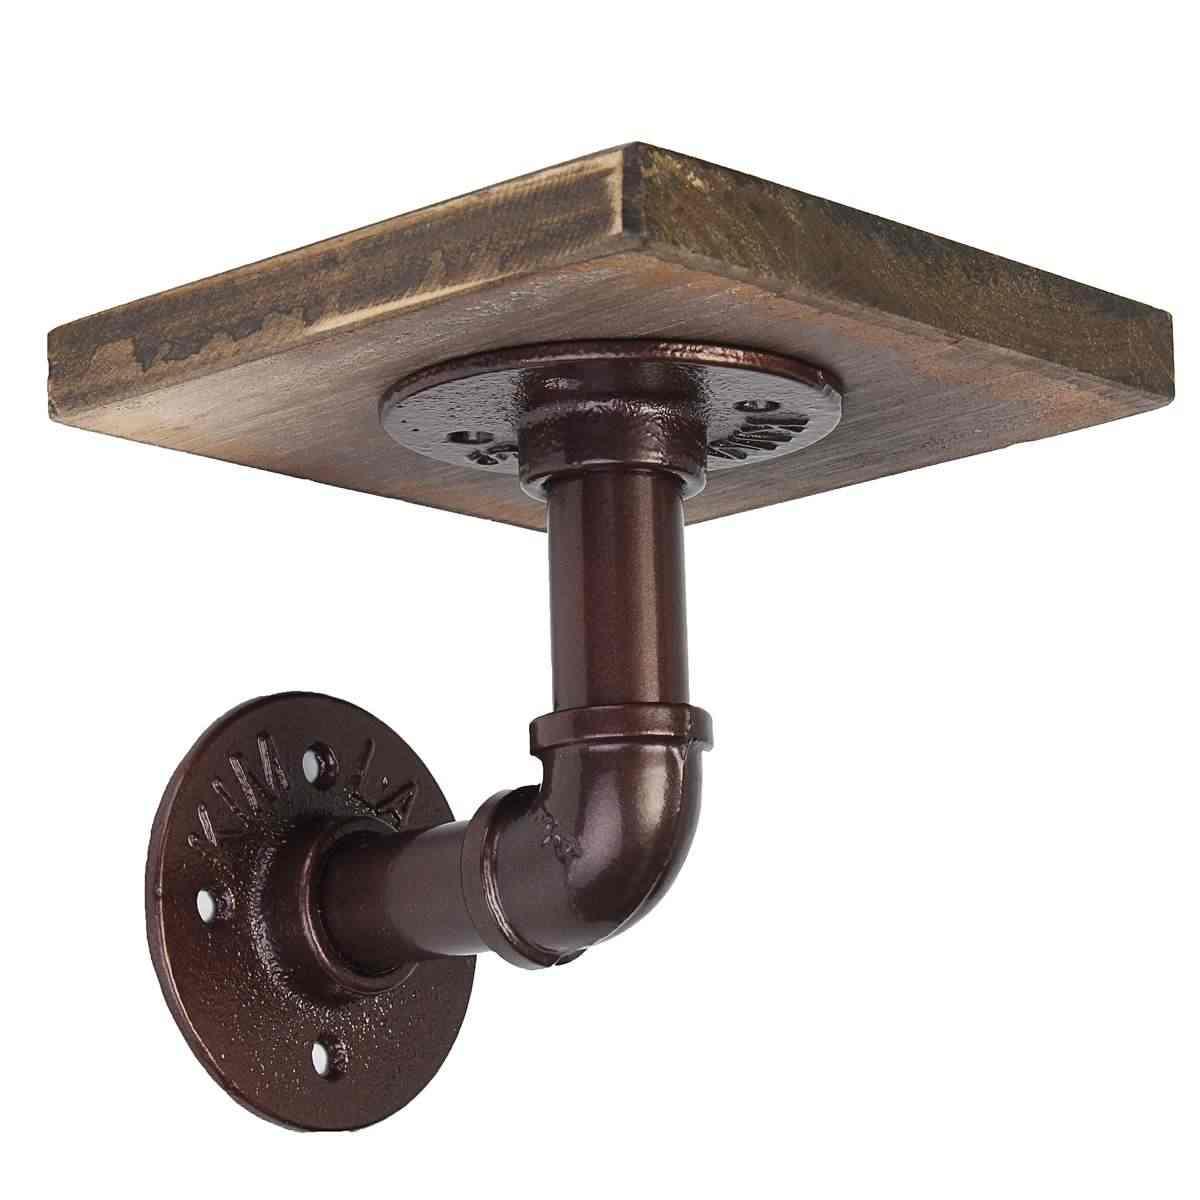 Промышленный ретро из дерева в деревенском стиле и соединительная часть железной трубы фланец деревянный держатель для телефона решетка-держатель Полка украшение дома